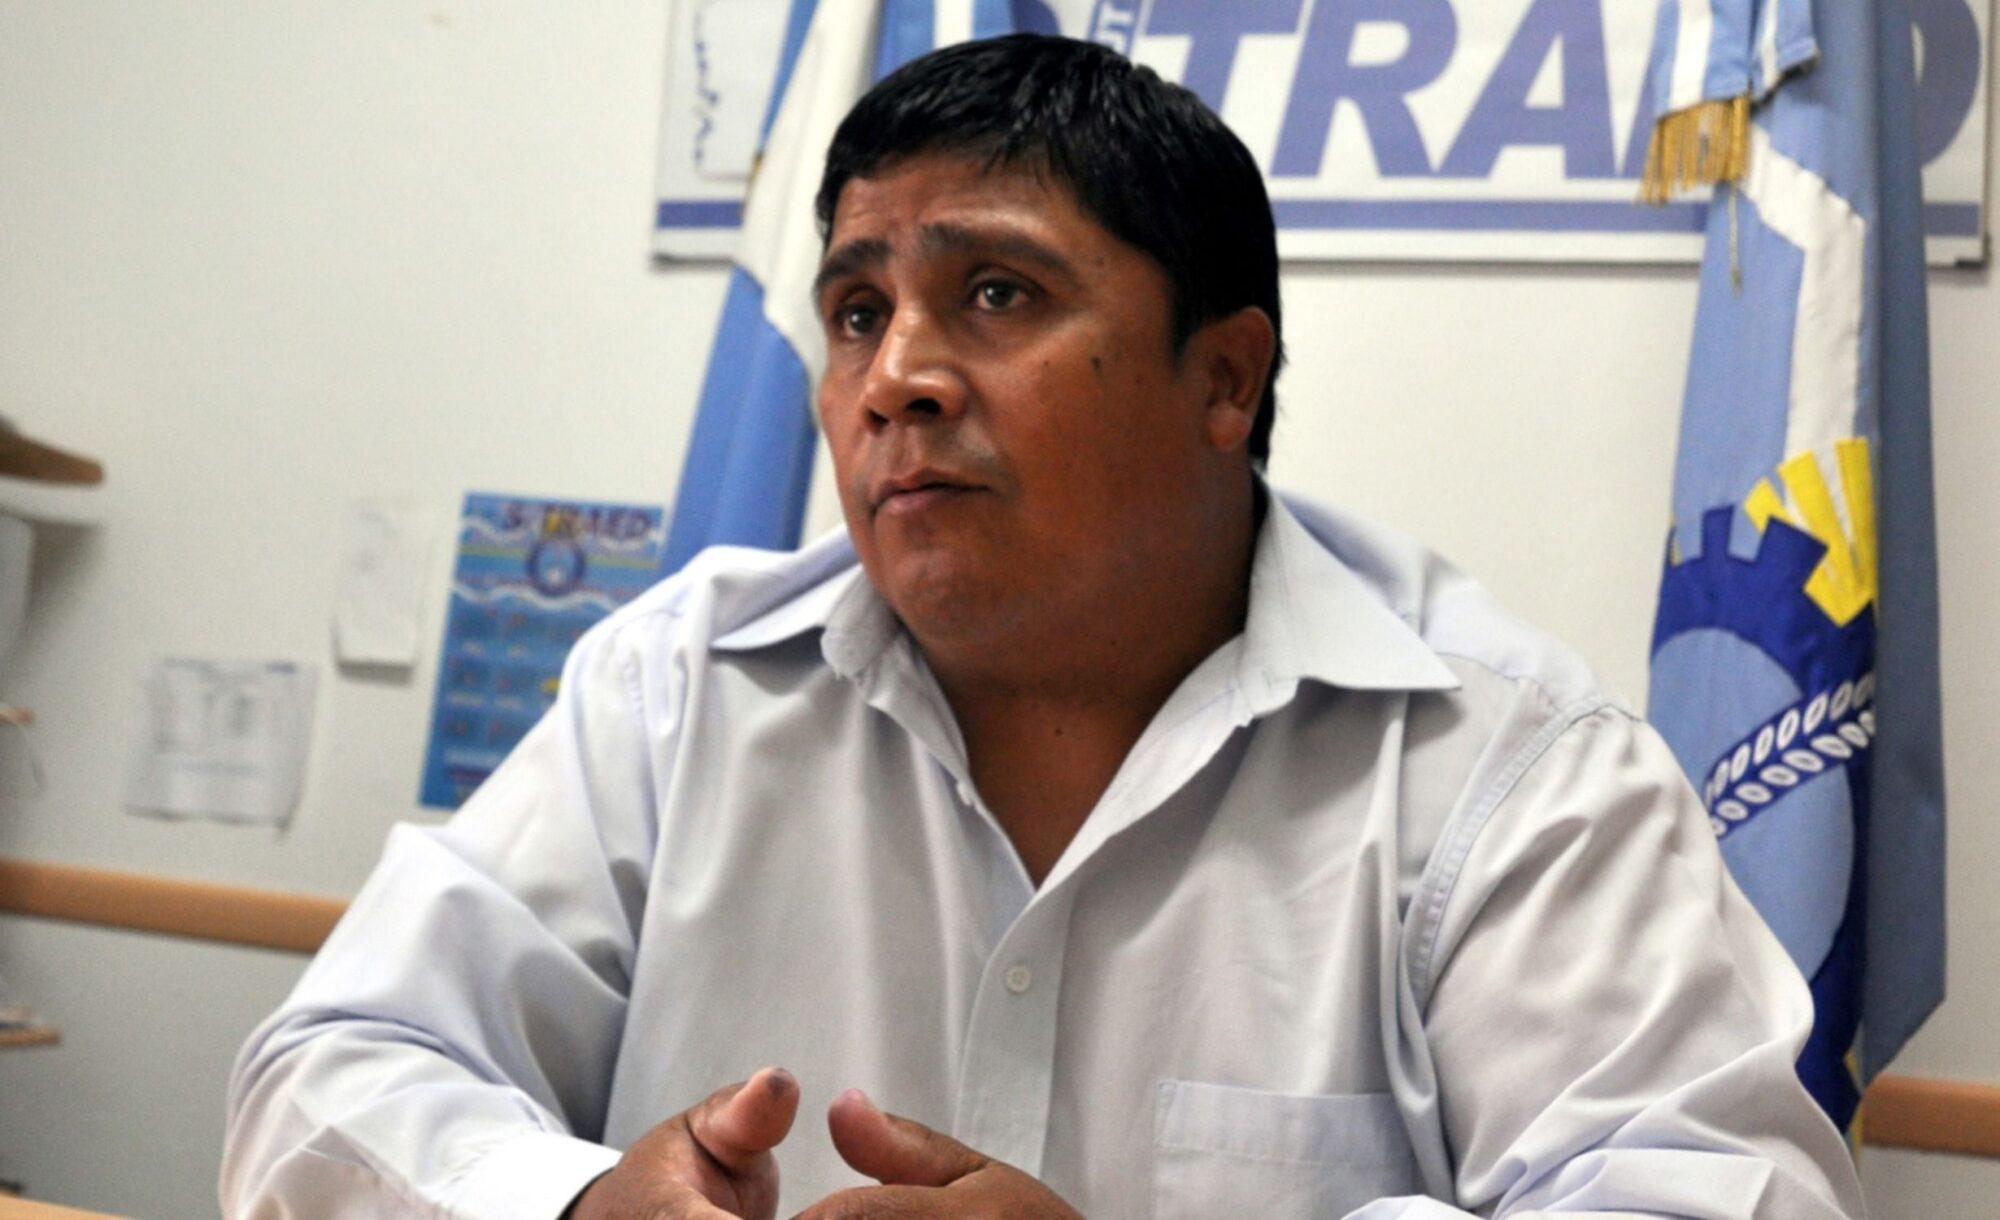 """Sitraed exige paritarias y sostiene que con el bono """"el Gobierno busca dilatar el aumento salarial"""""""